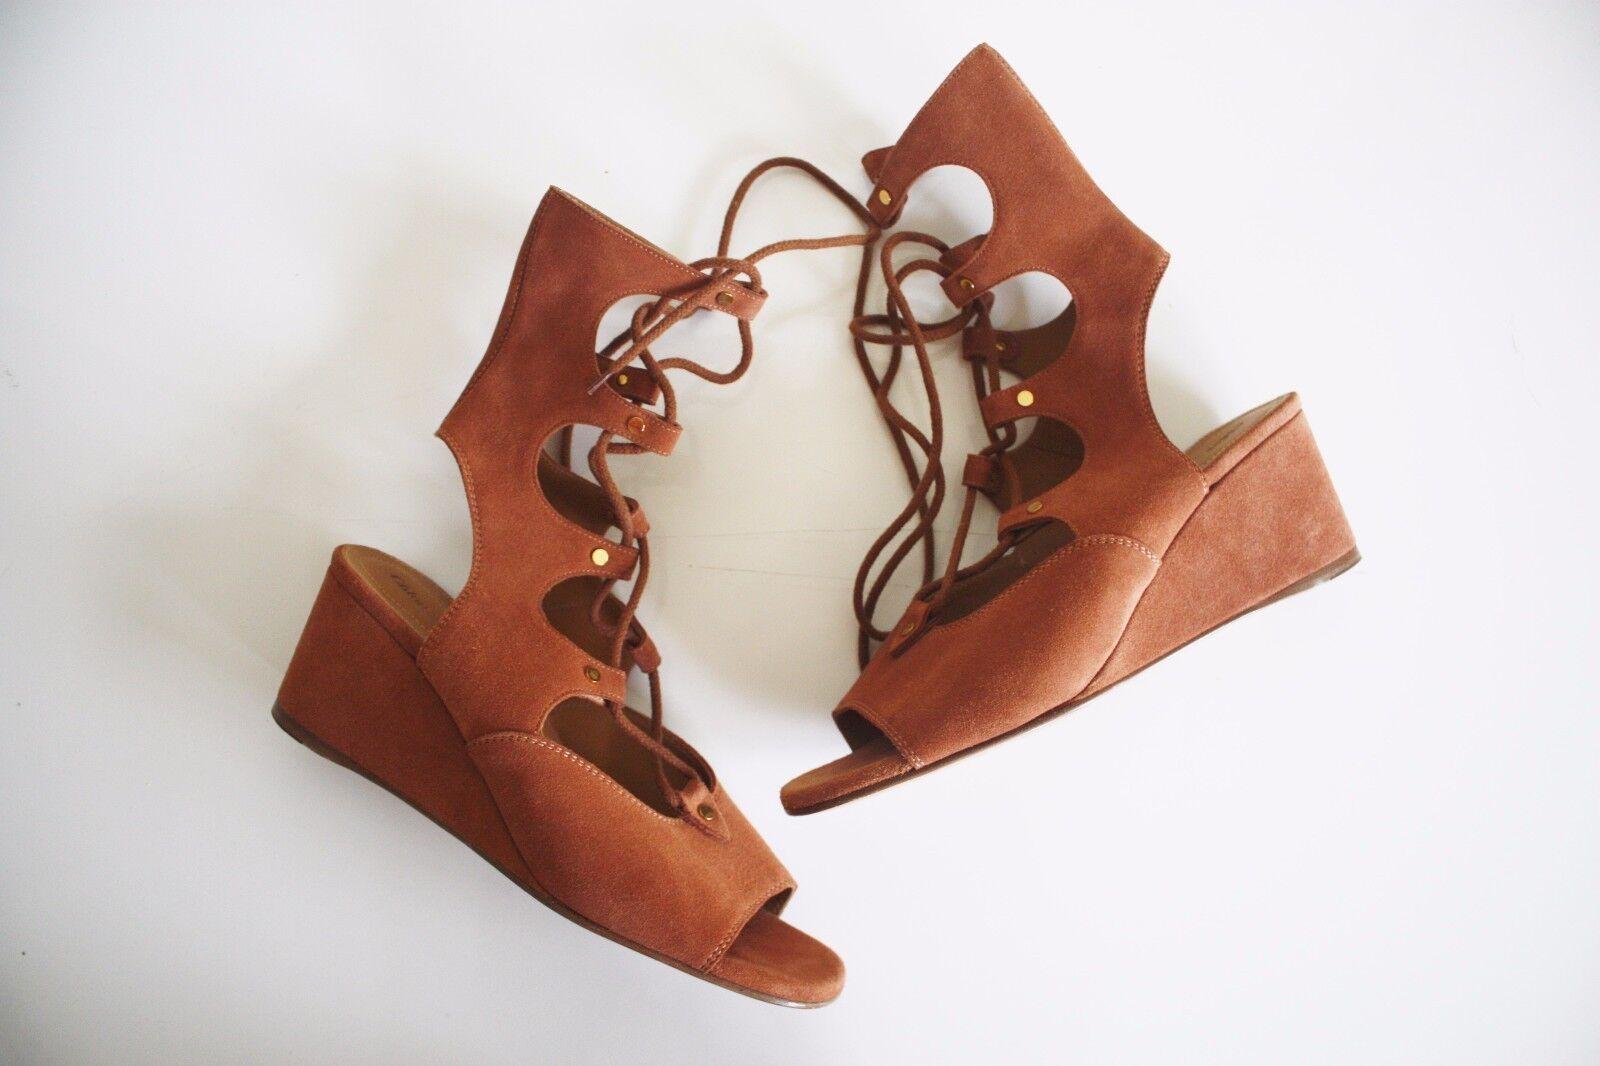 CHLOE LACE-UP SUEDE WEDGE SANDAL  1,075 Tan Tan Tan Brown SPRING RUNWAY shoes Heels 10 0f1af0